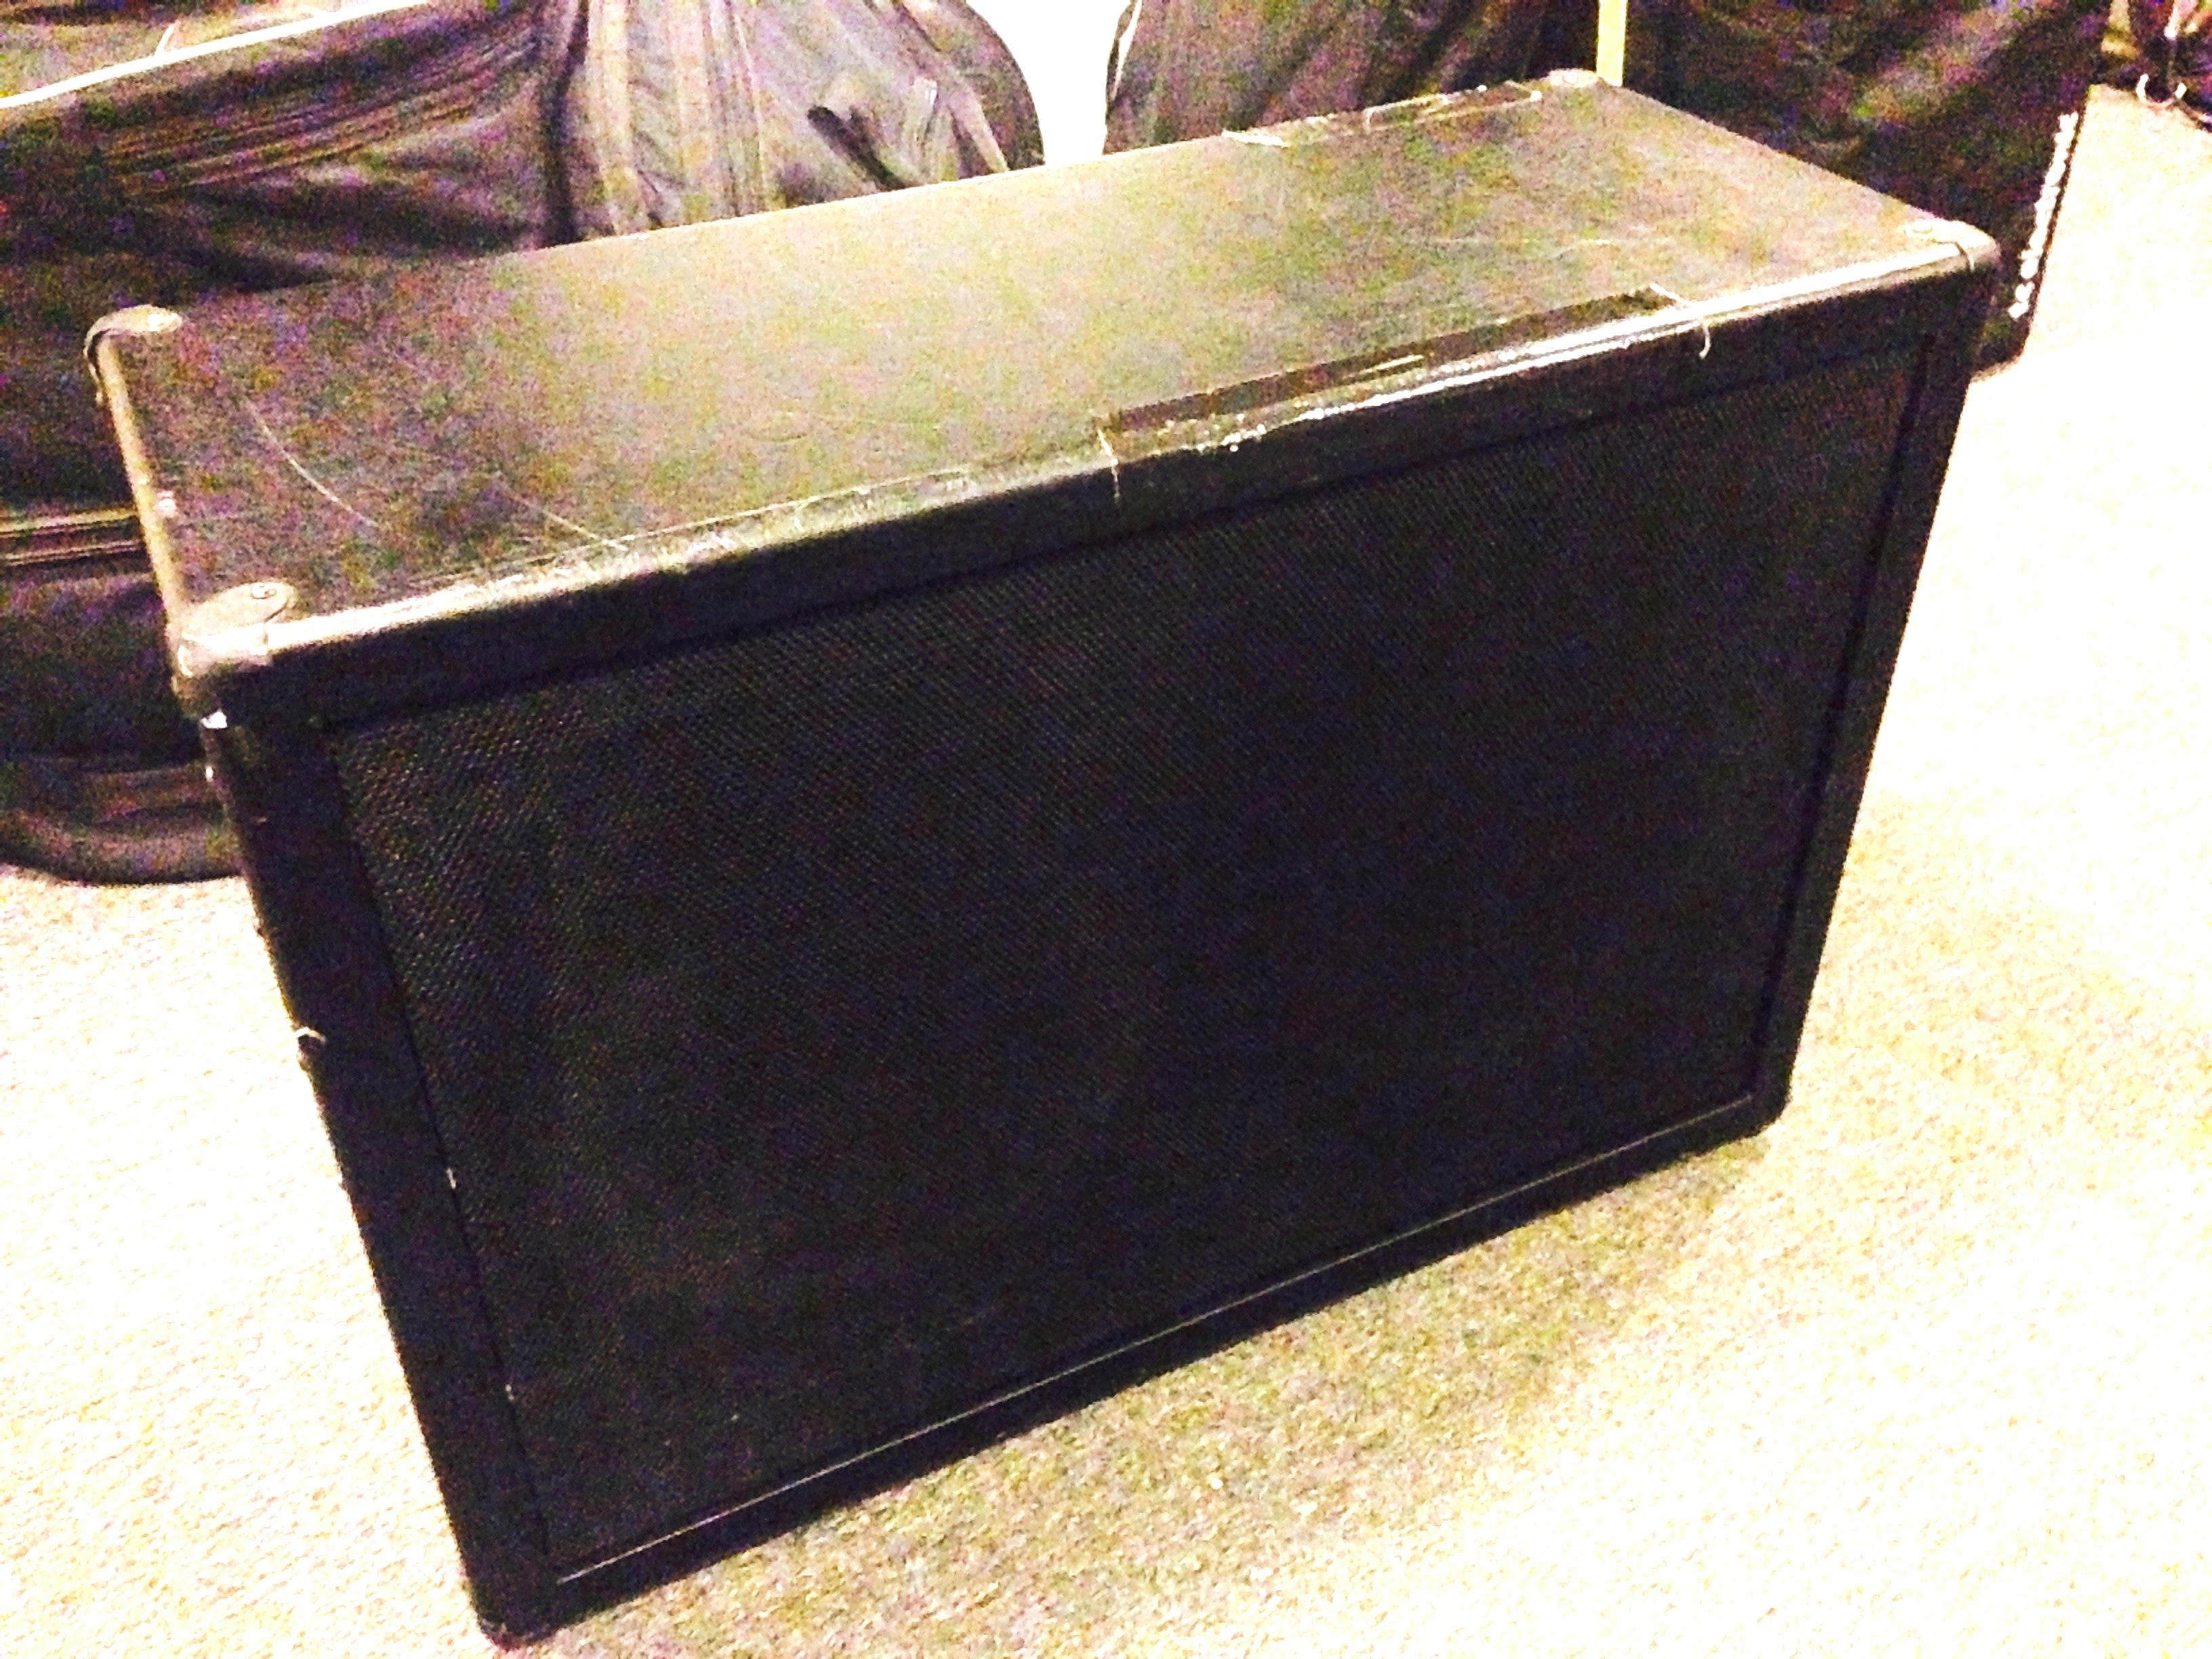 gallien krueger backline 600 image 1392445 audiofanzine. Black Bedroom Furniture Sets. Home Design Ideas